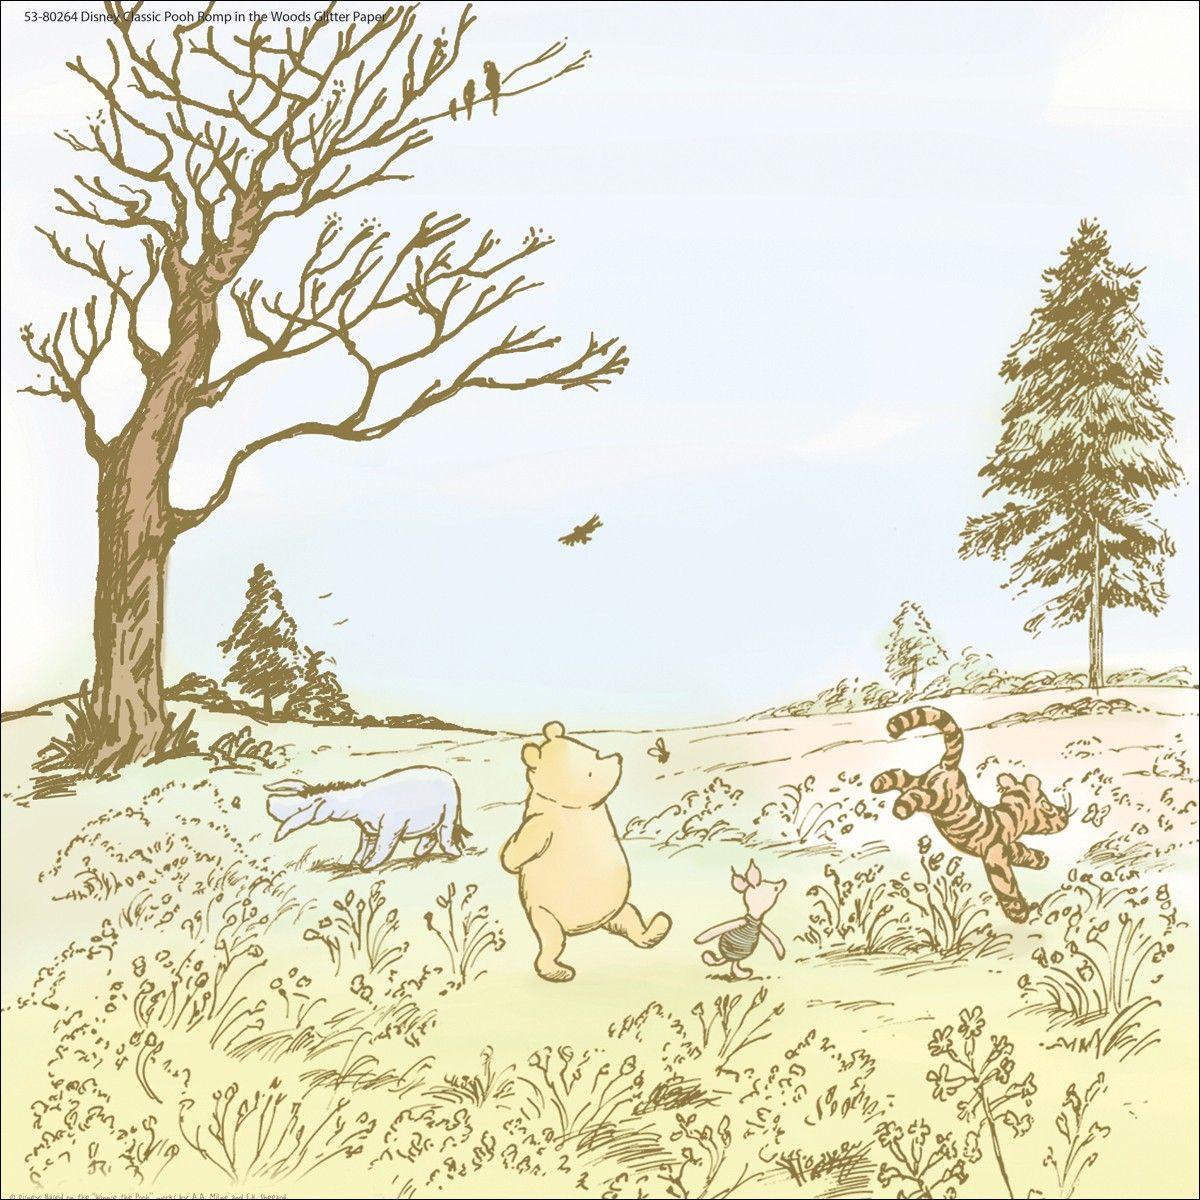 Winnie The Pooh Classic Winnie The Pooh Friends Winnie The Pooh